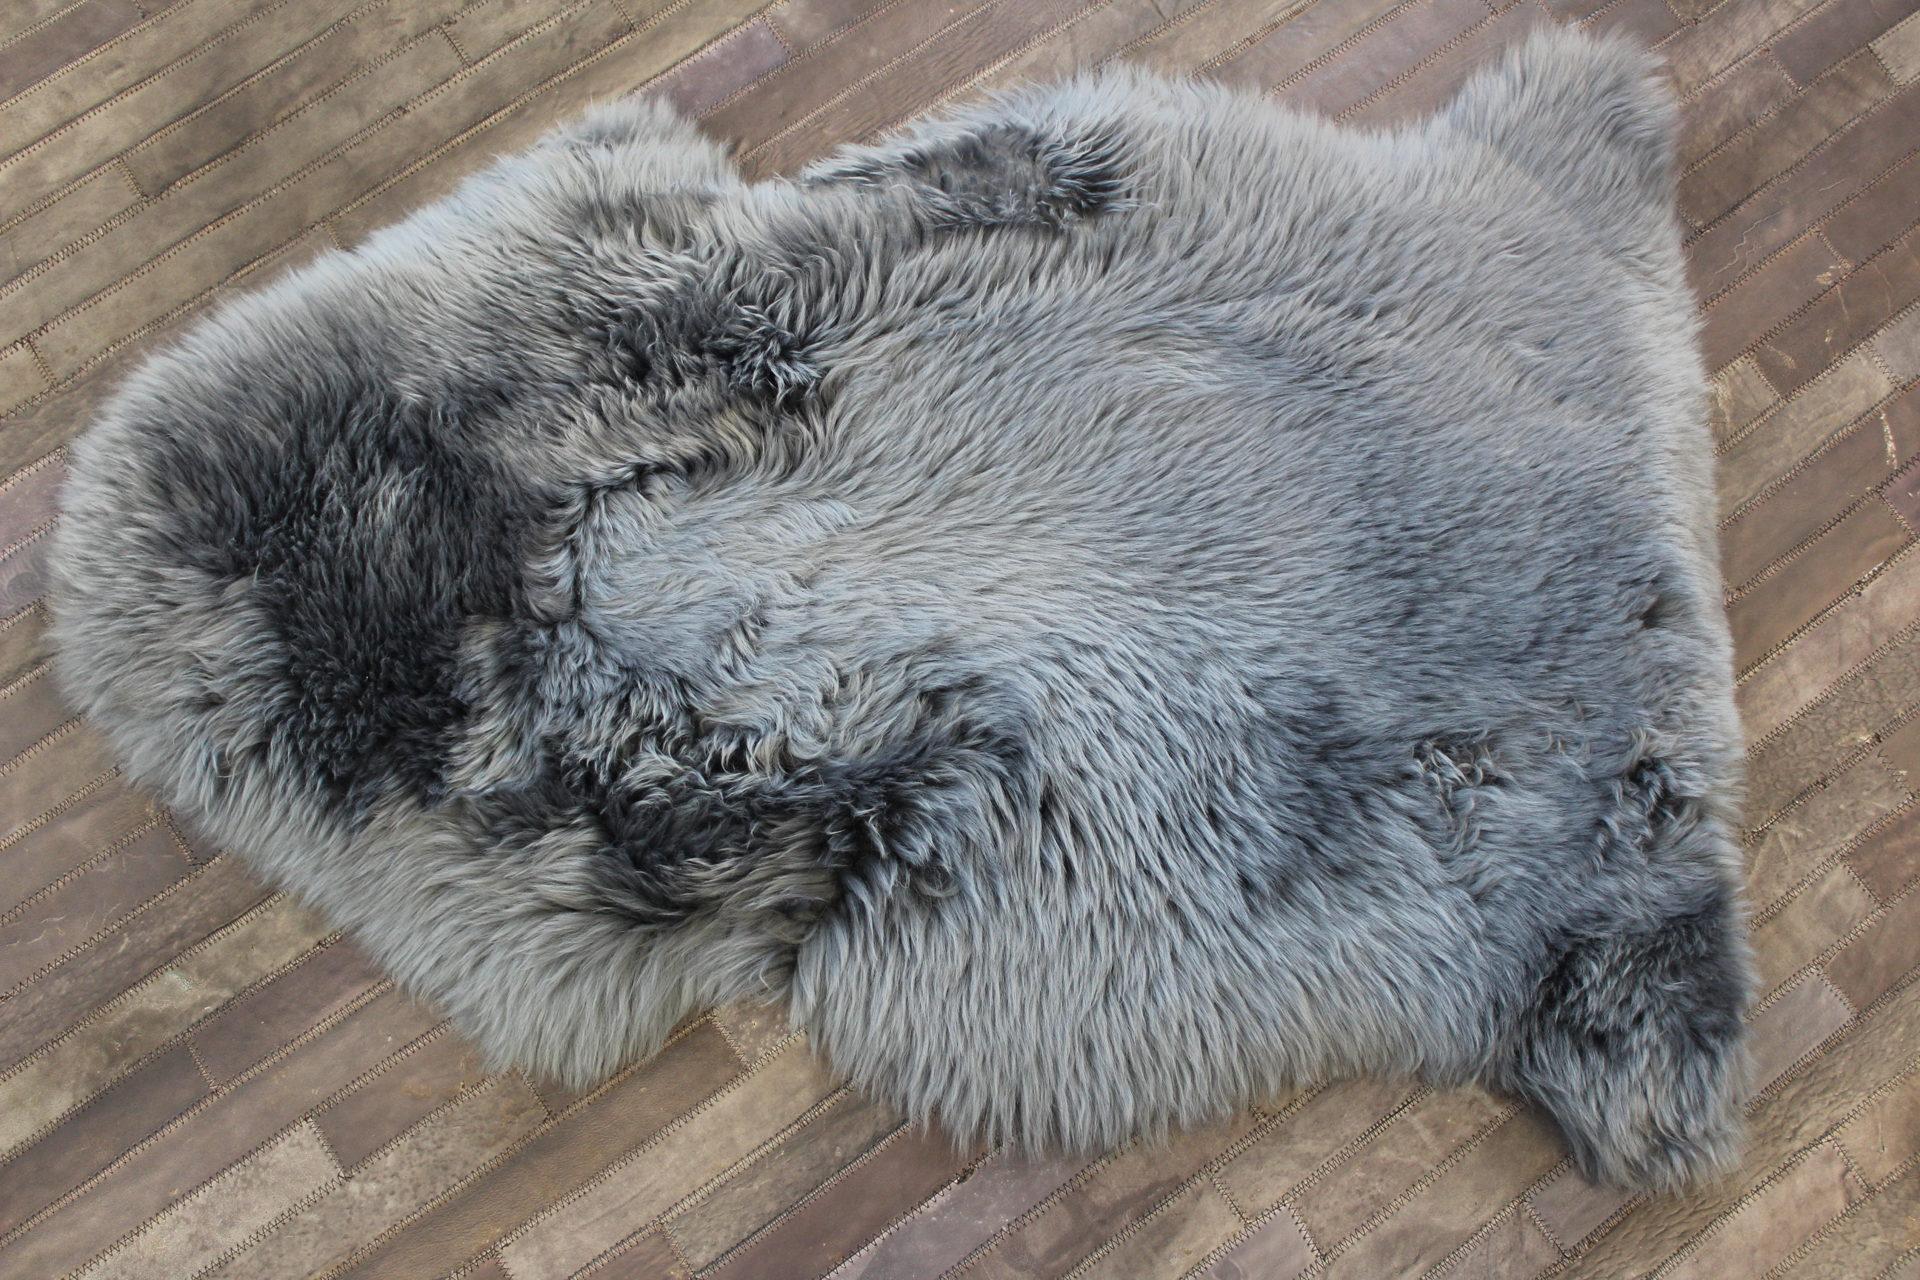 Großartig Tierfell Teppich Das Beste Von Möbel Eilers Apen, Teppiche, Schaffell, Schaffell Teppich,